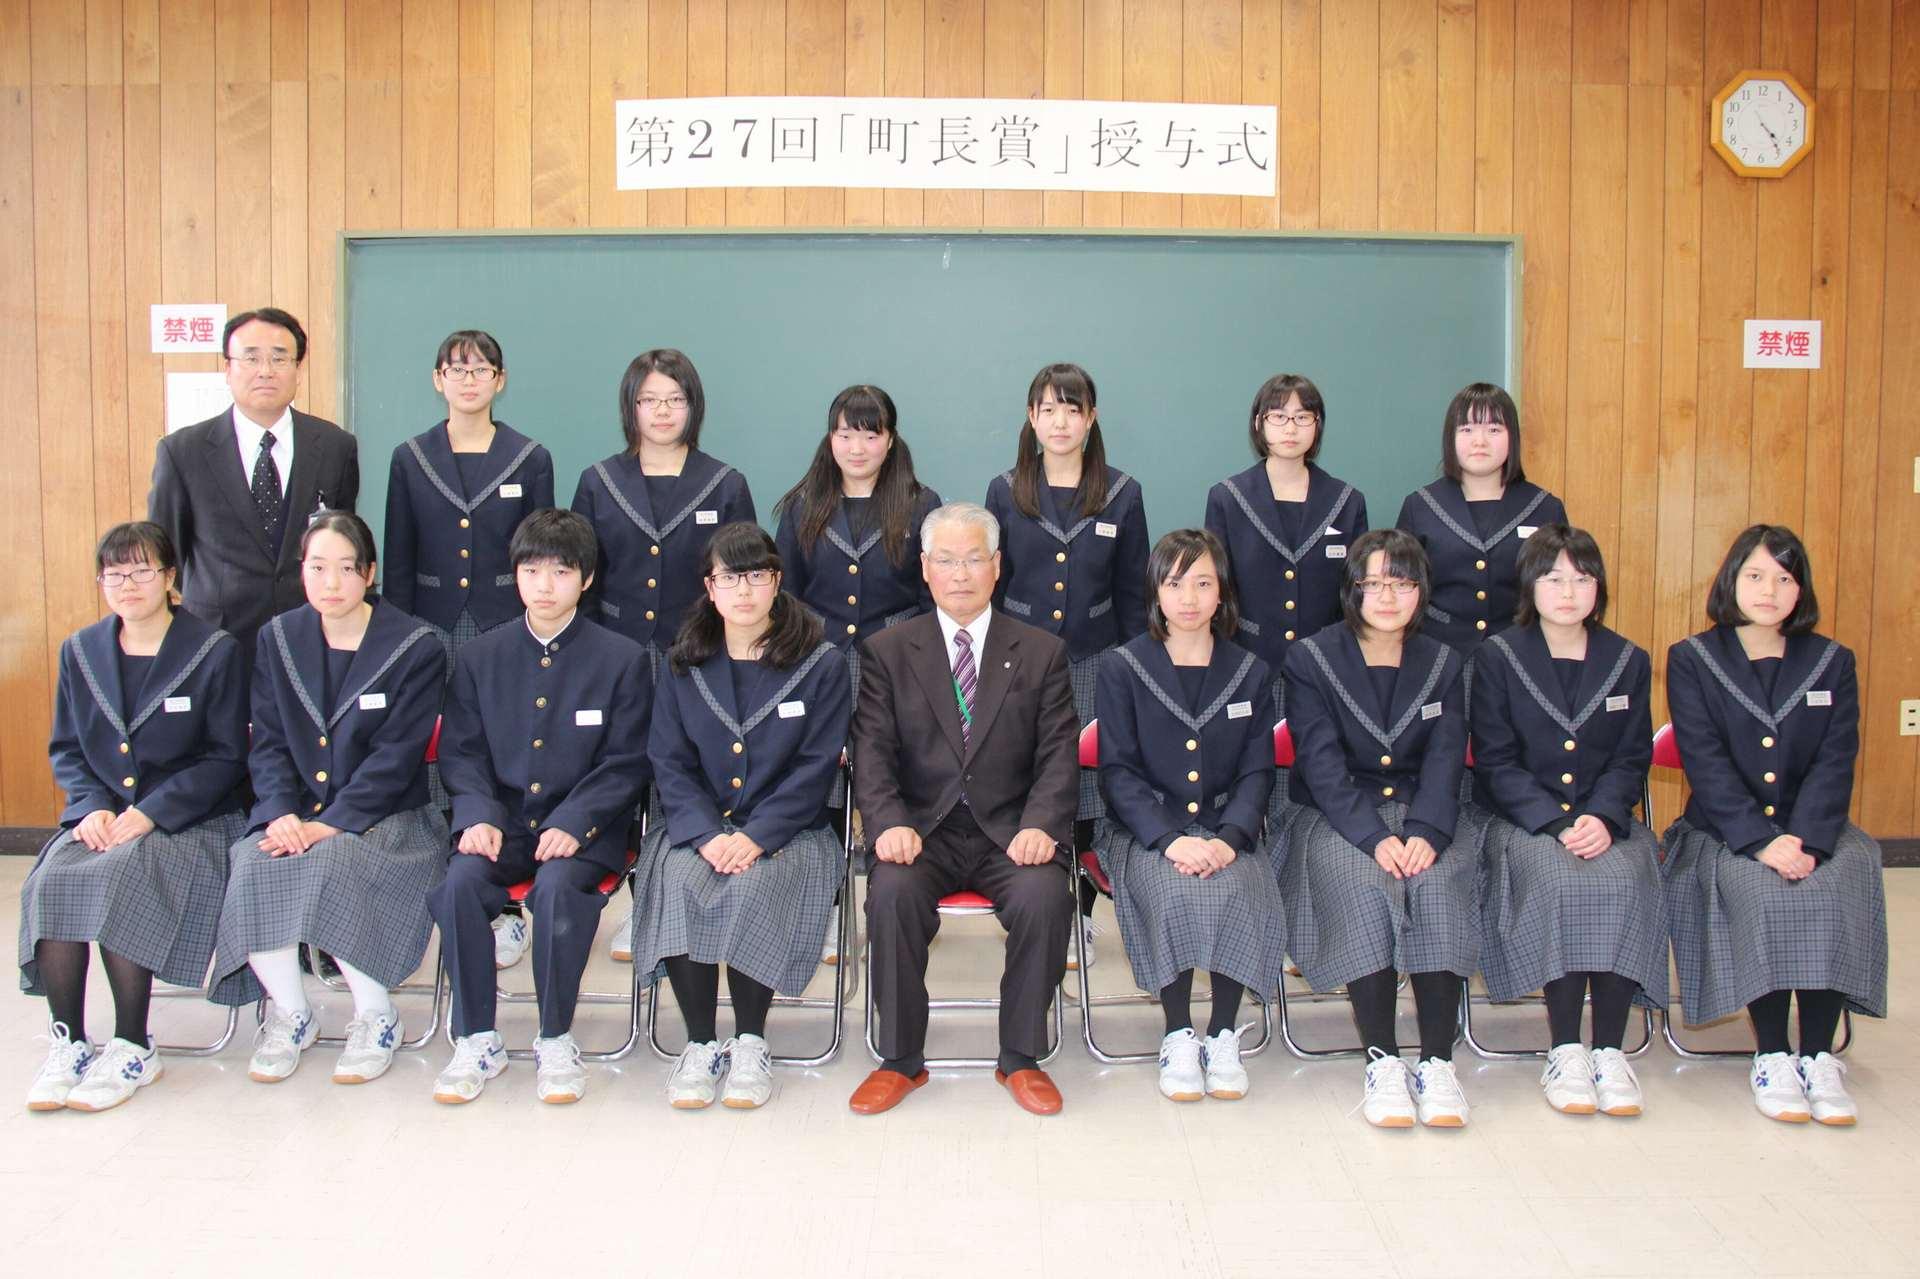 http://www.town.asakawa.fukushima.jp/blog-files/IMG_6435.JPG